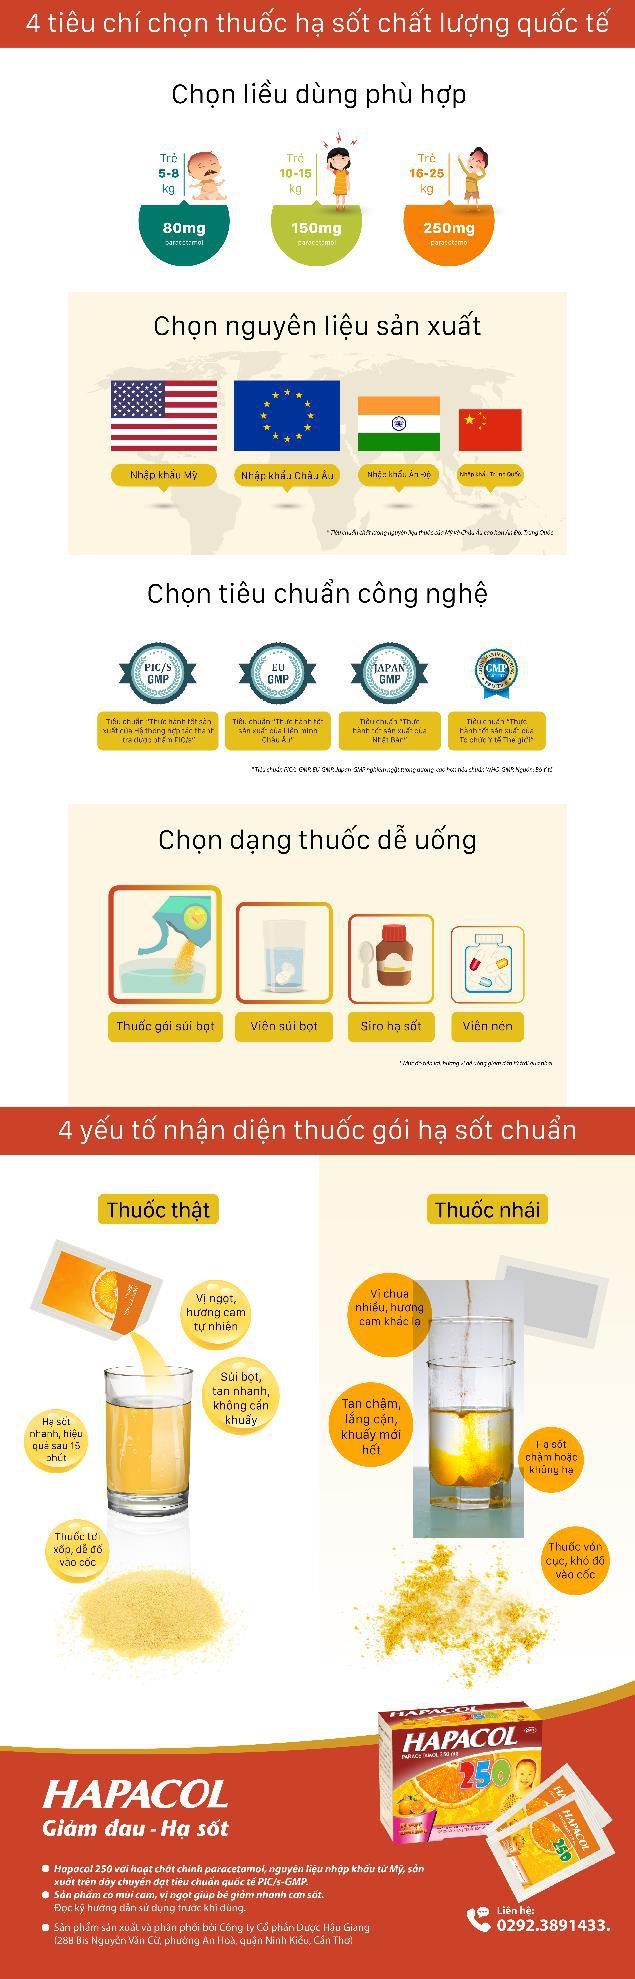 4 tiêu chuẩn nhận diện thuốc hạ sốt chuẩn chất lượng quốc tế cho trẻ - Ảnh 1.